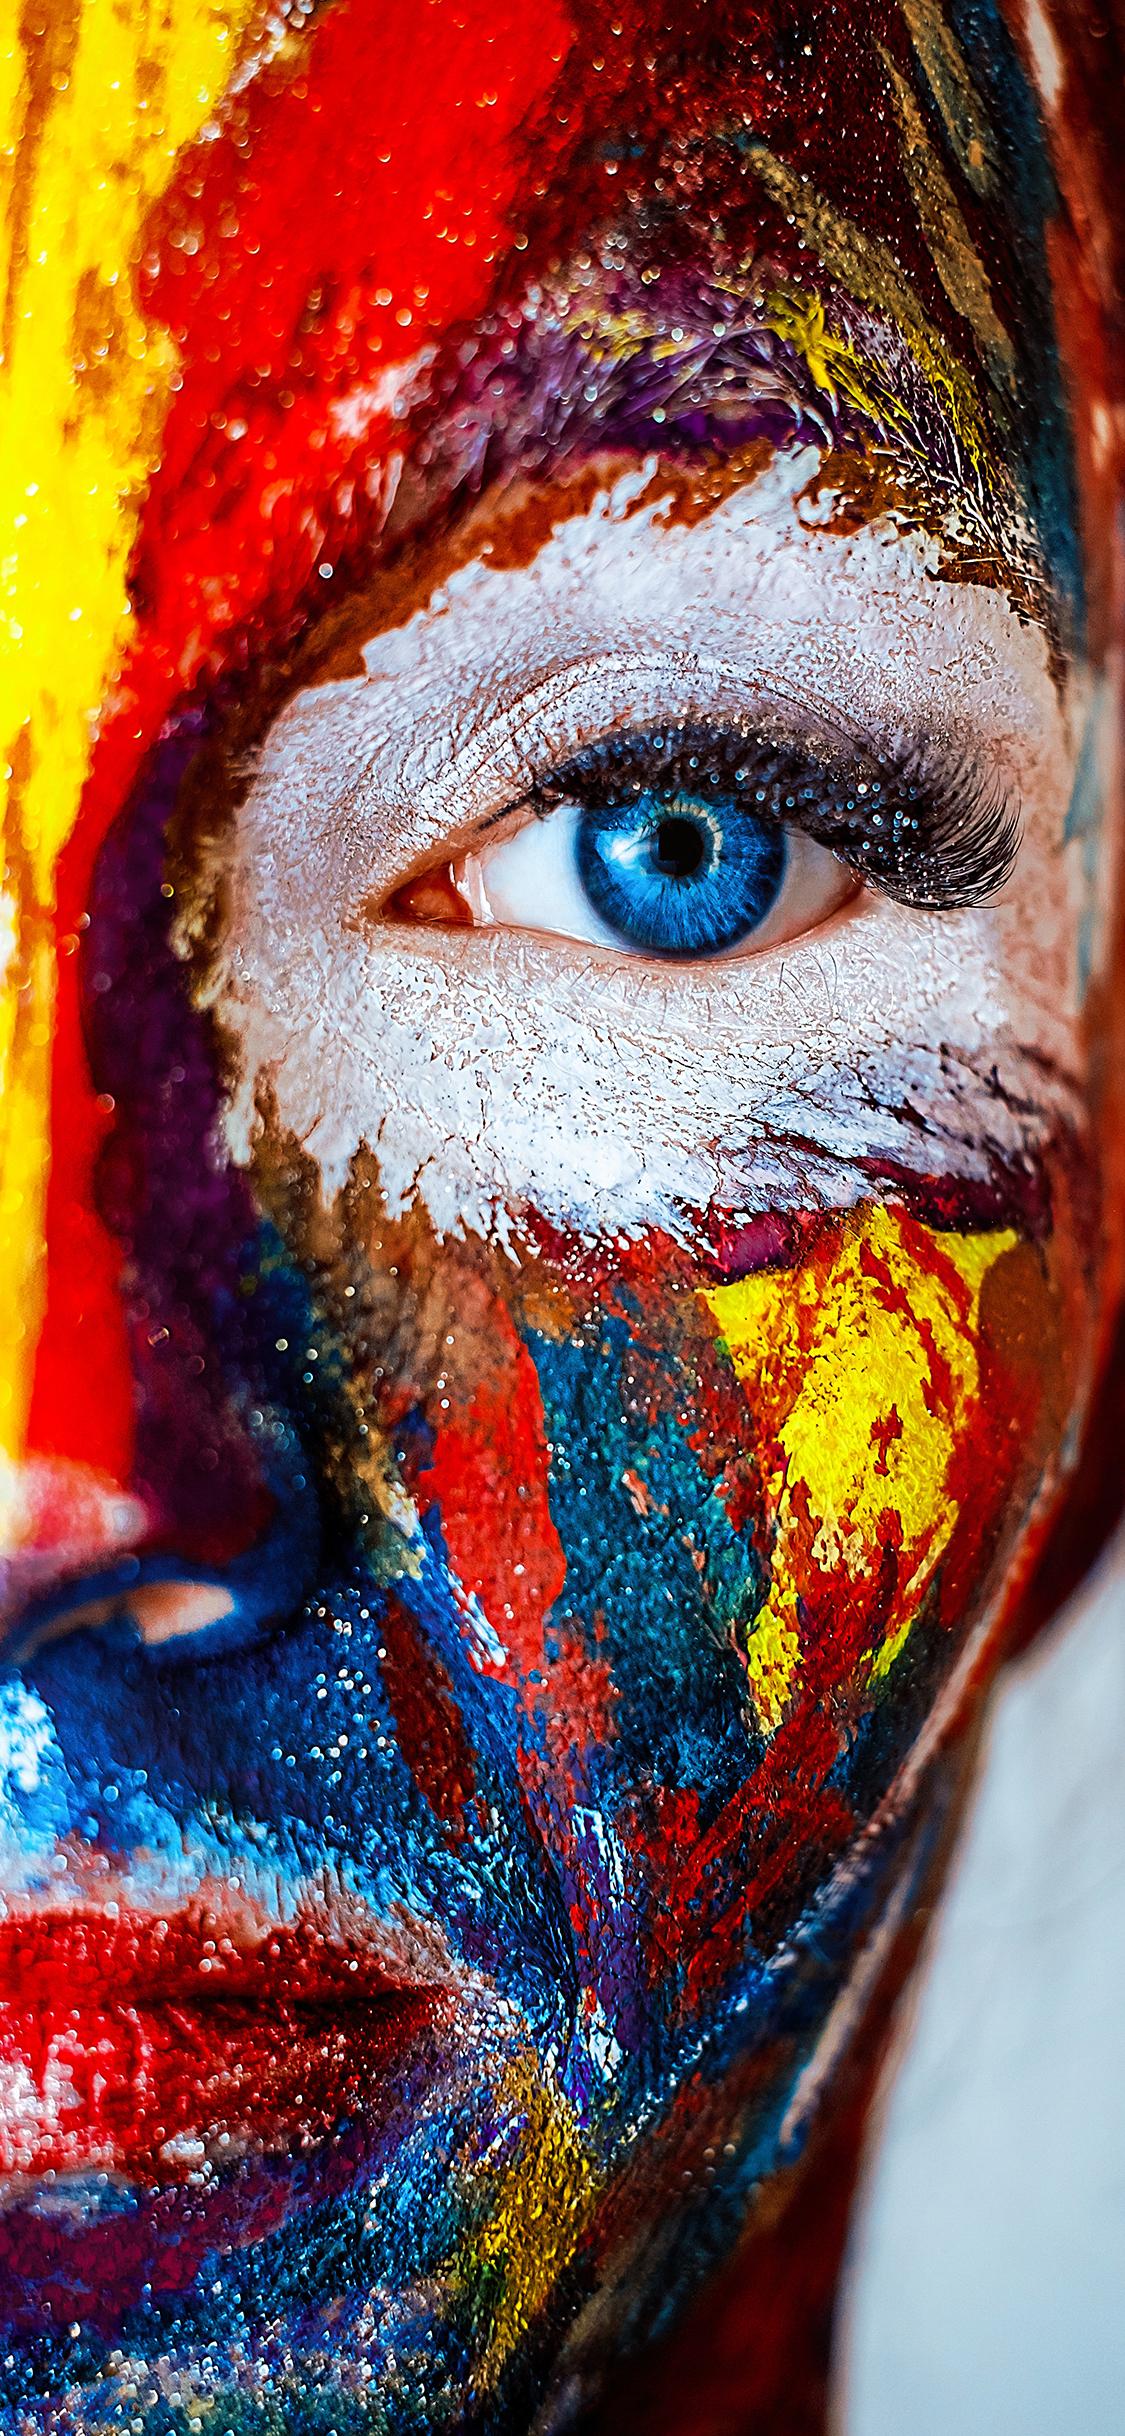 Tapety Tygodnia Kolorowo I Abstrakcyjnie Thinkapple